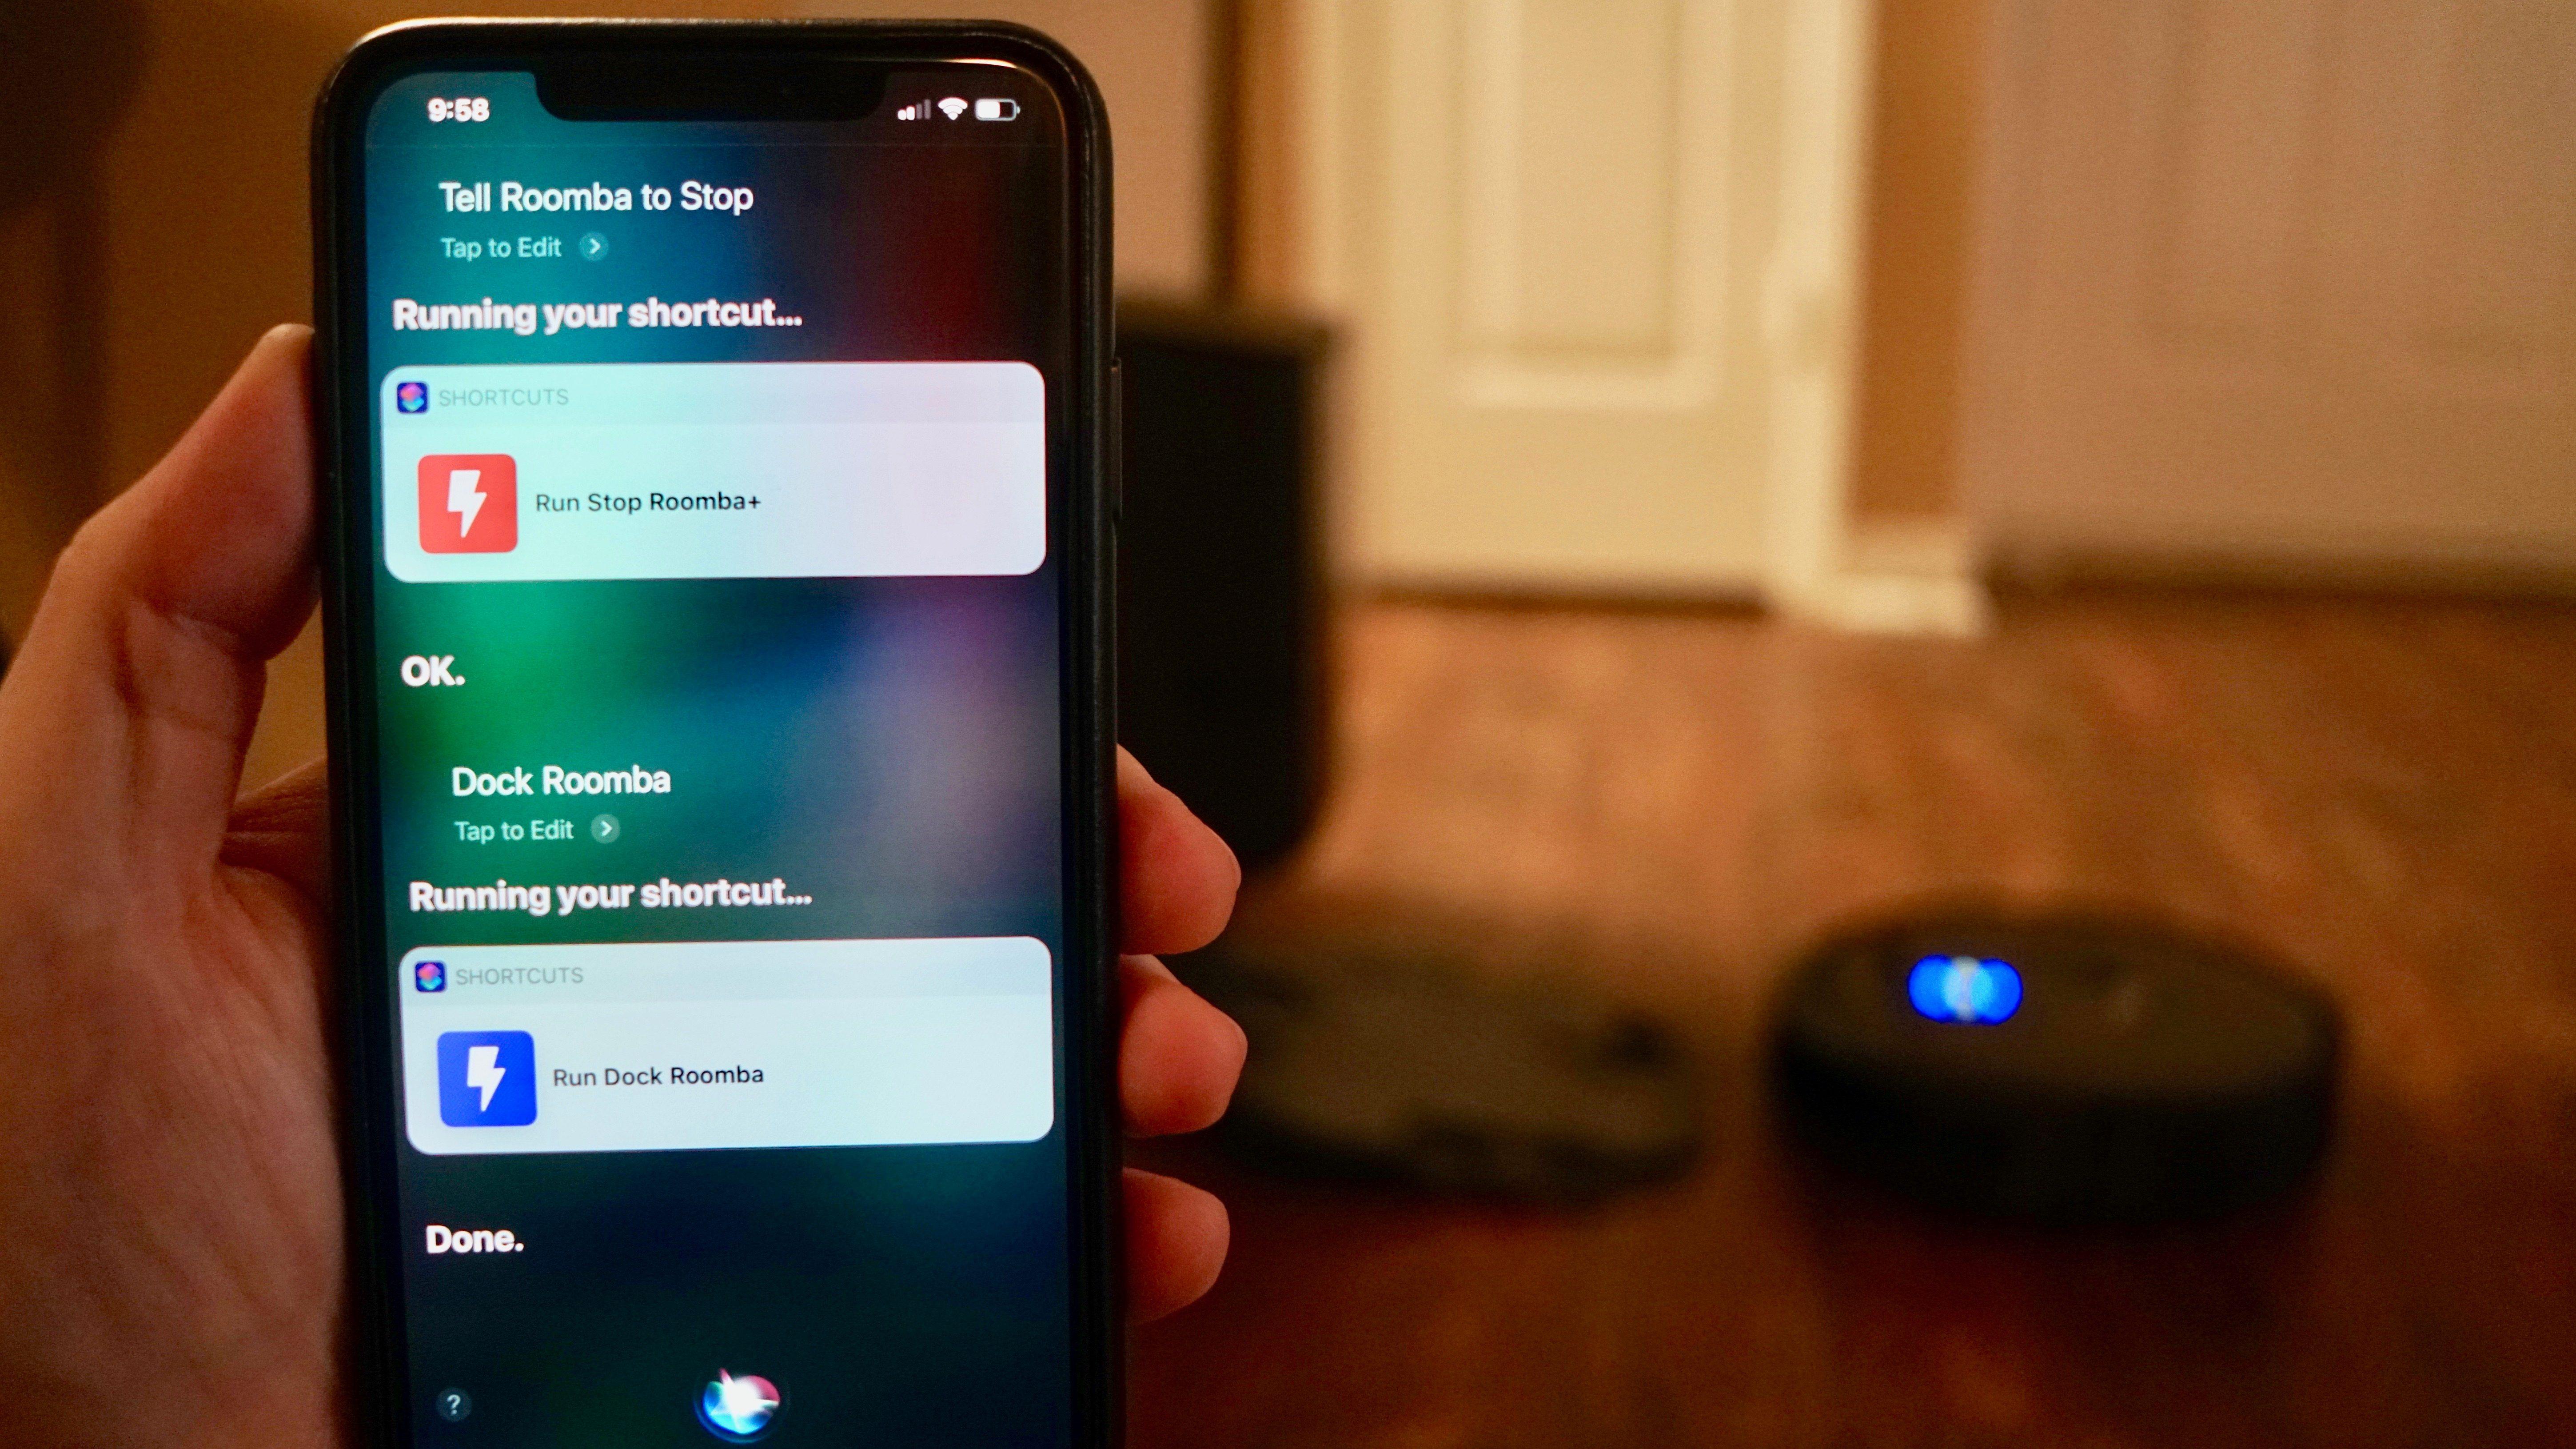 Controlling iRobot's Roomba vacuum with Siri, no HomeKit